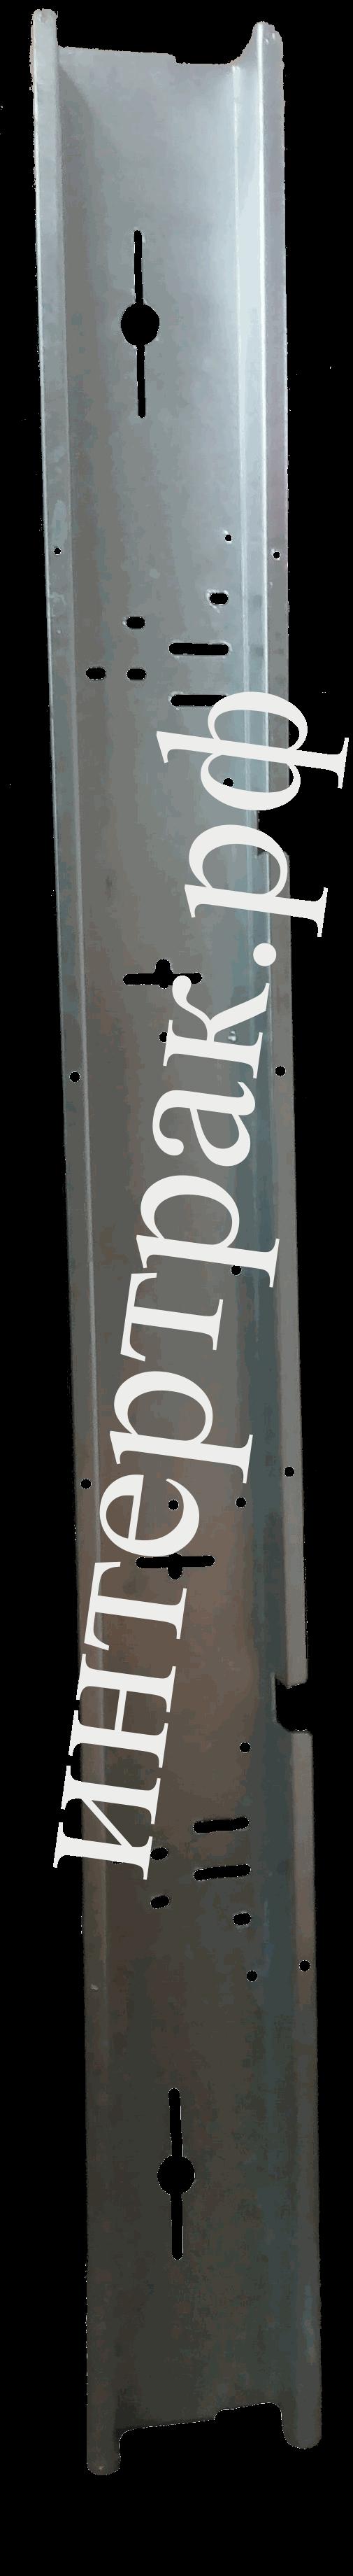 Бампер полуприцепа L=2400mm Универсальный ОЦИНКОВАННЫЙ